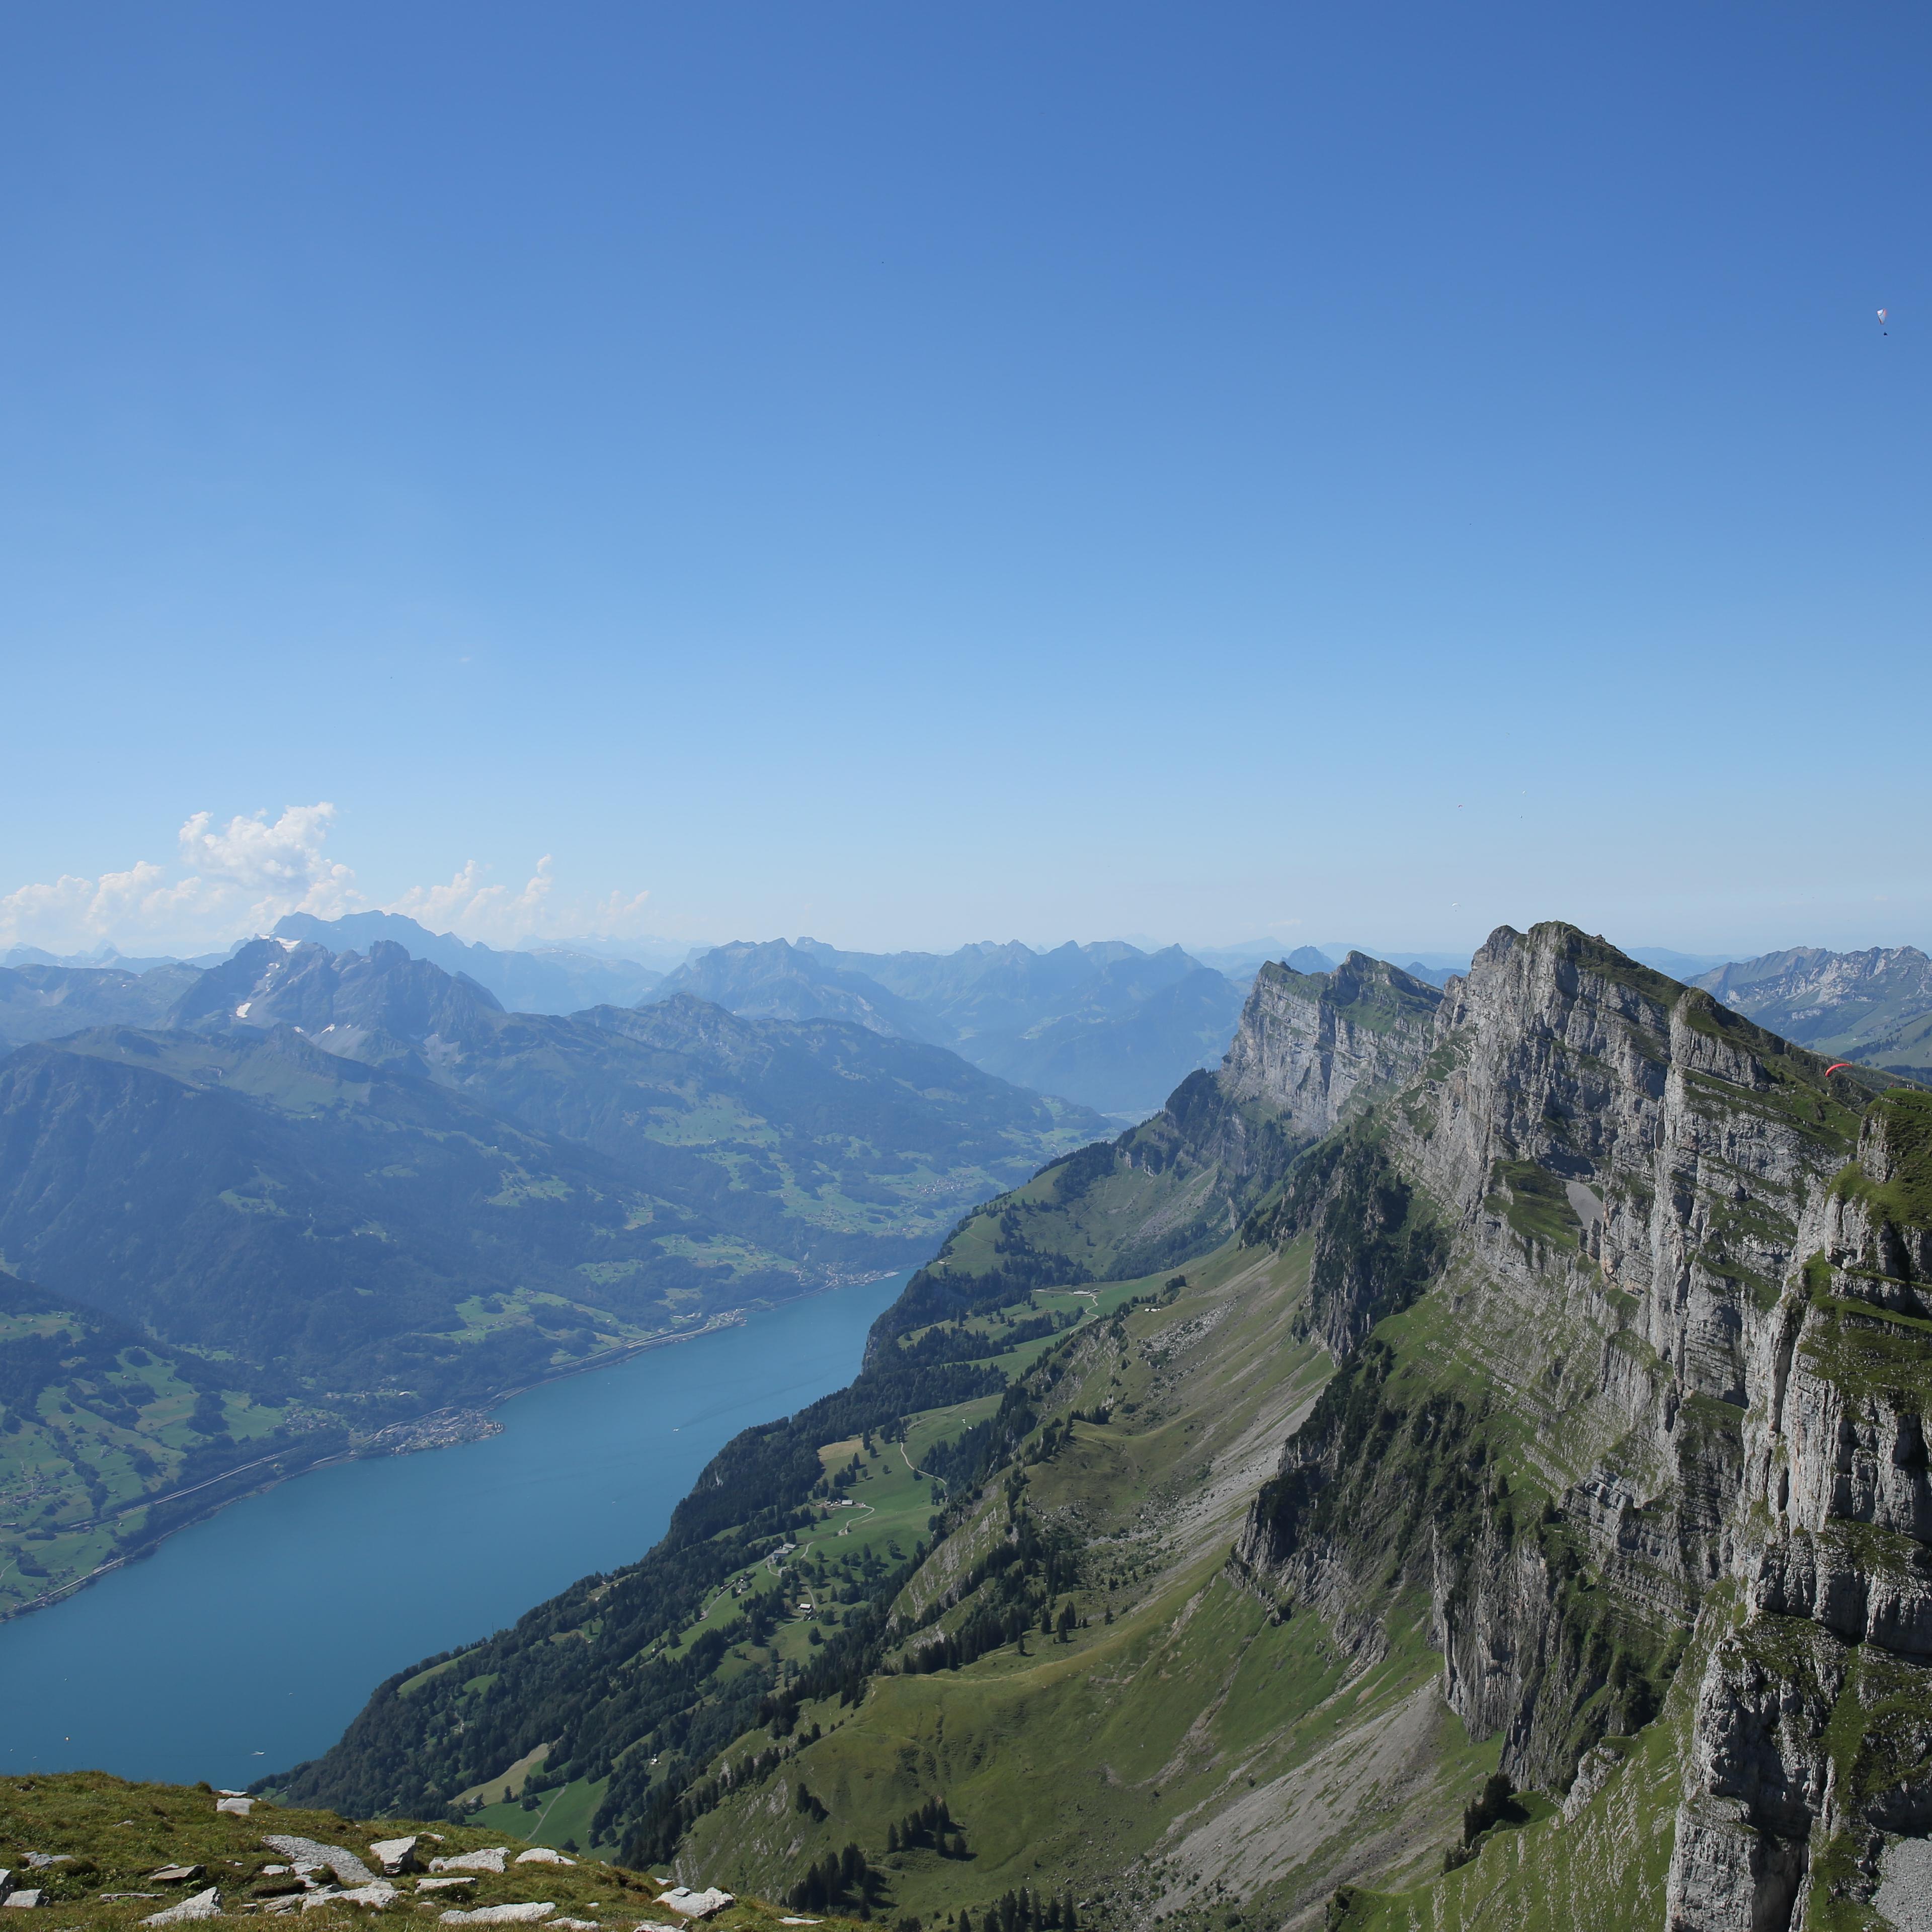 Ein Bergpanorama der Churfirsten mit dem Walensee